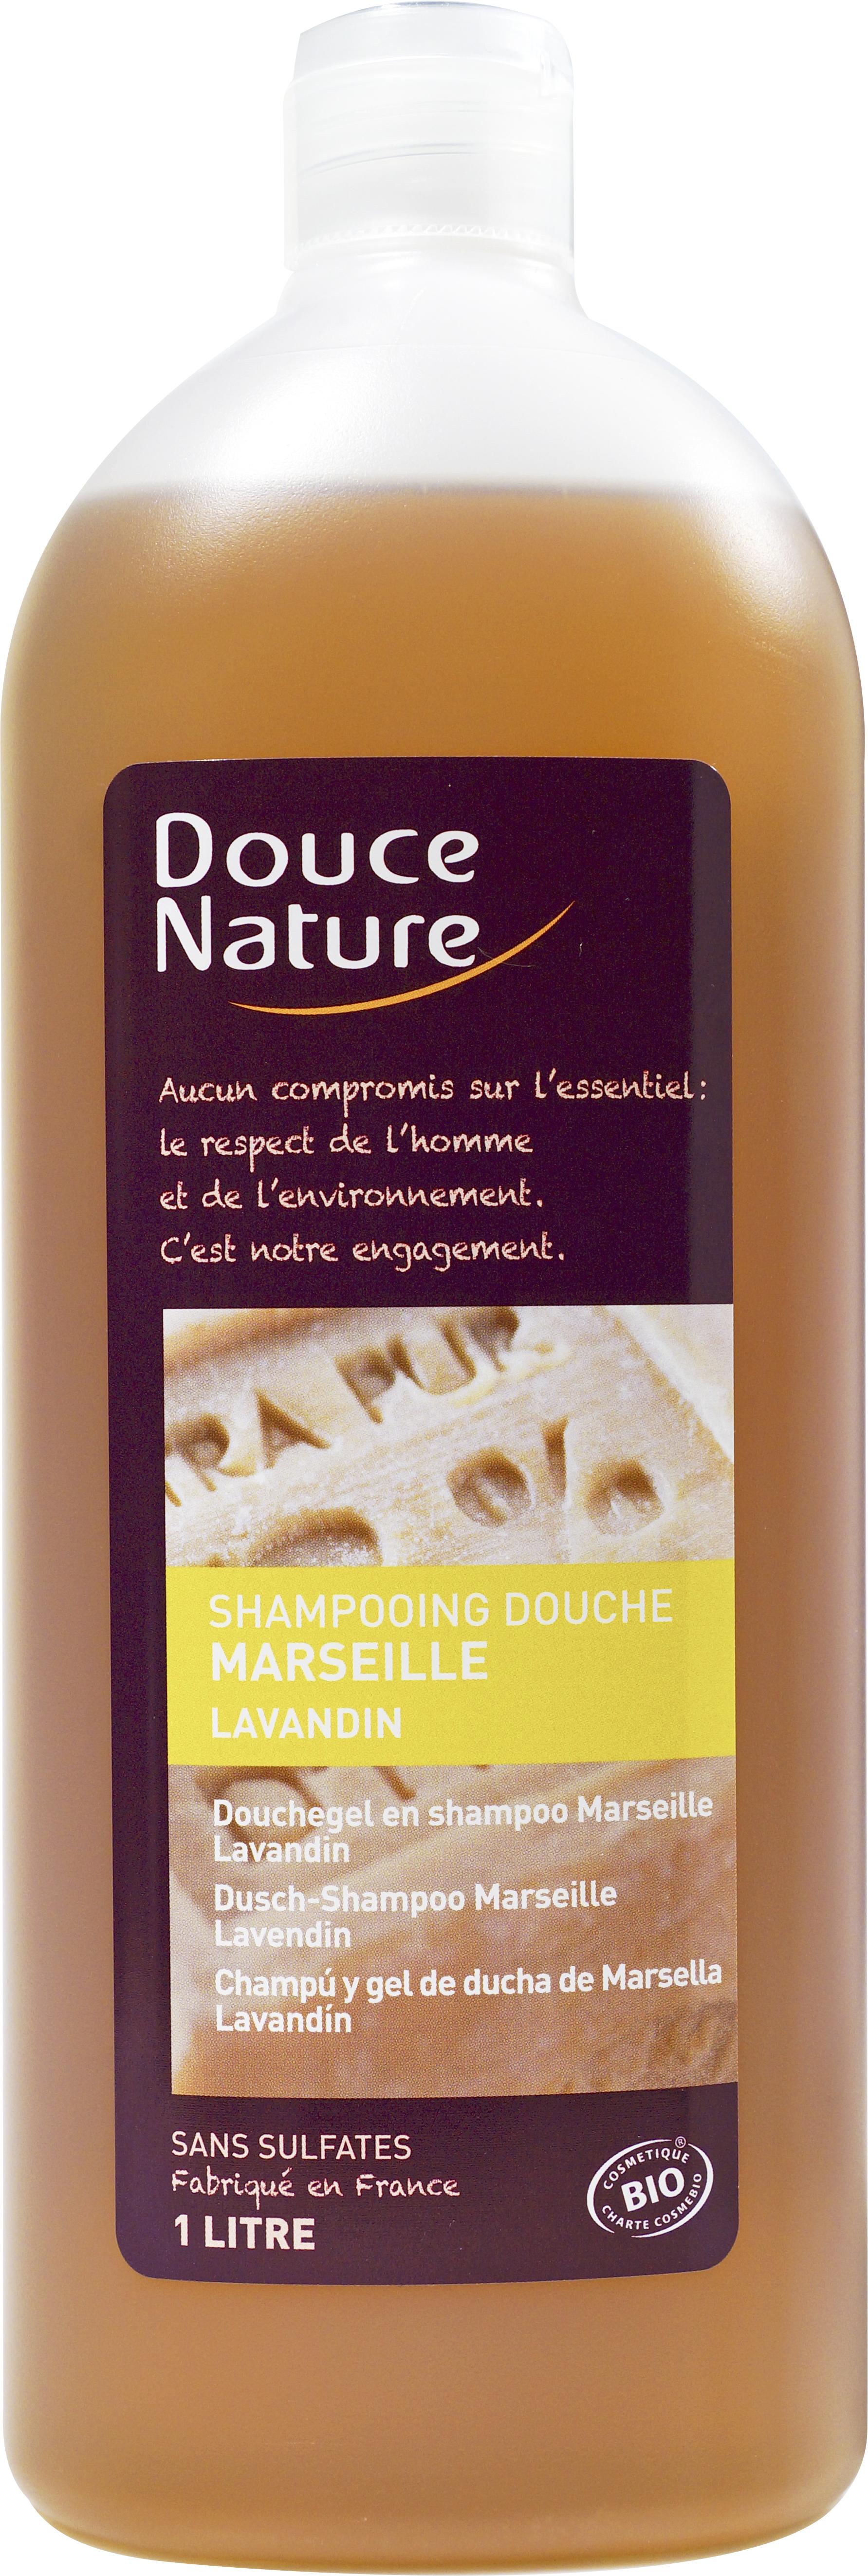 Shampooing-douche de Marseille Lavandin, Douce Nature (1 L)